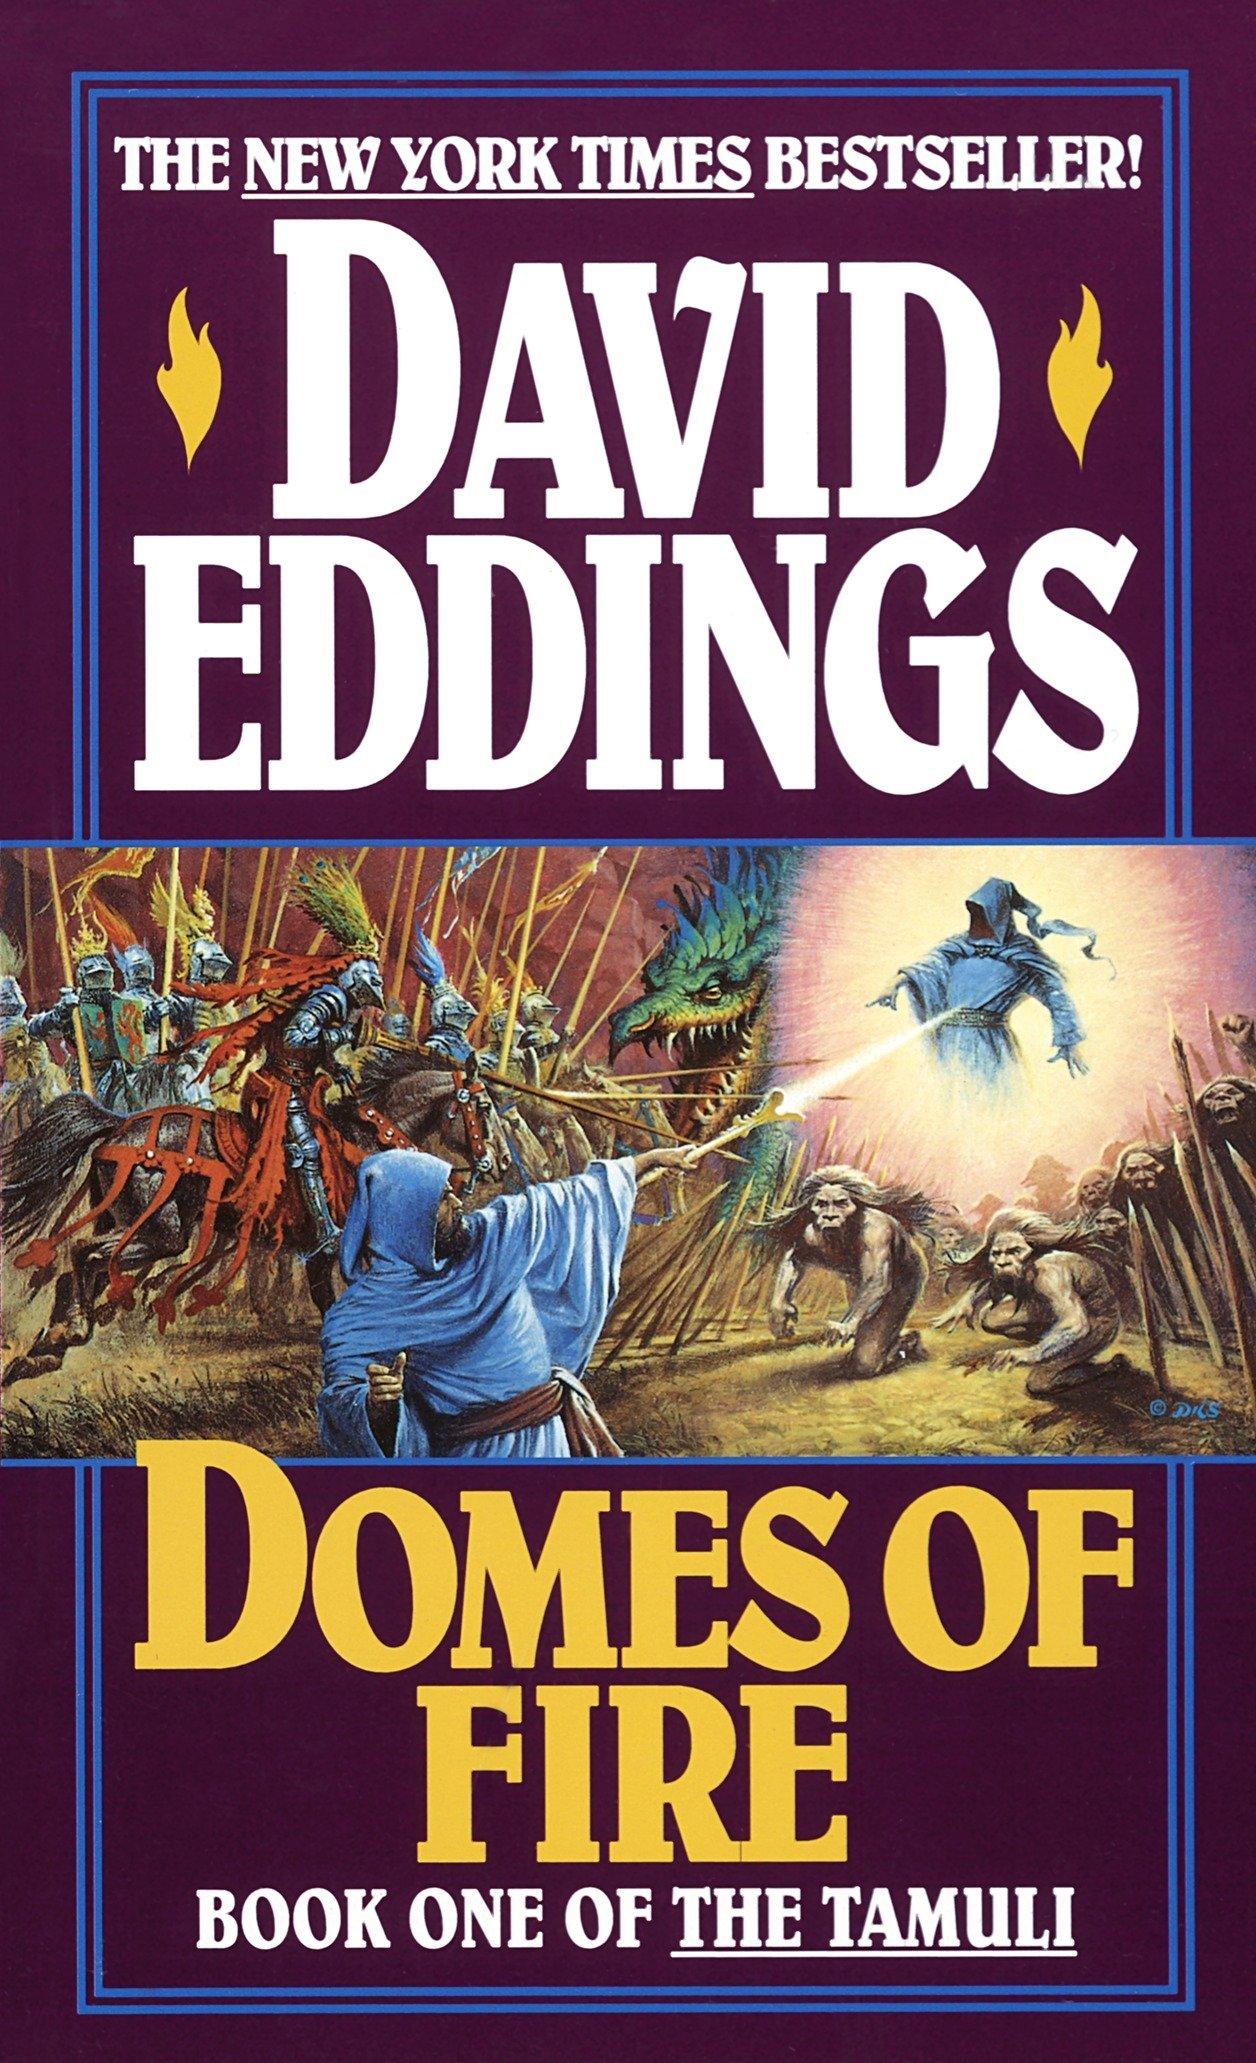 Download david free eddings epub